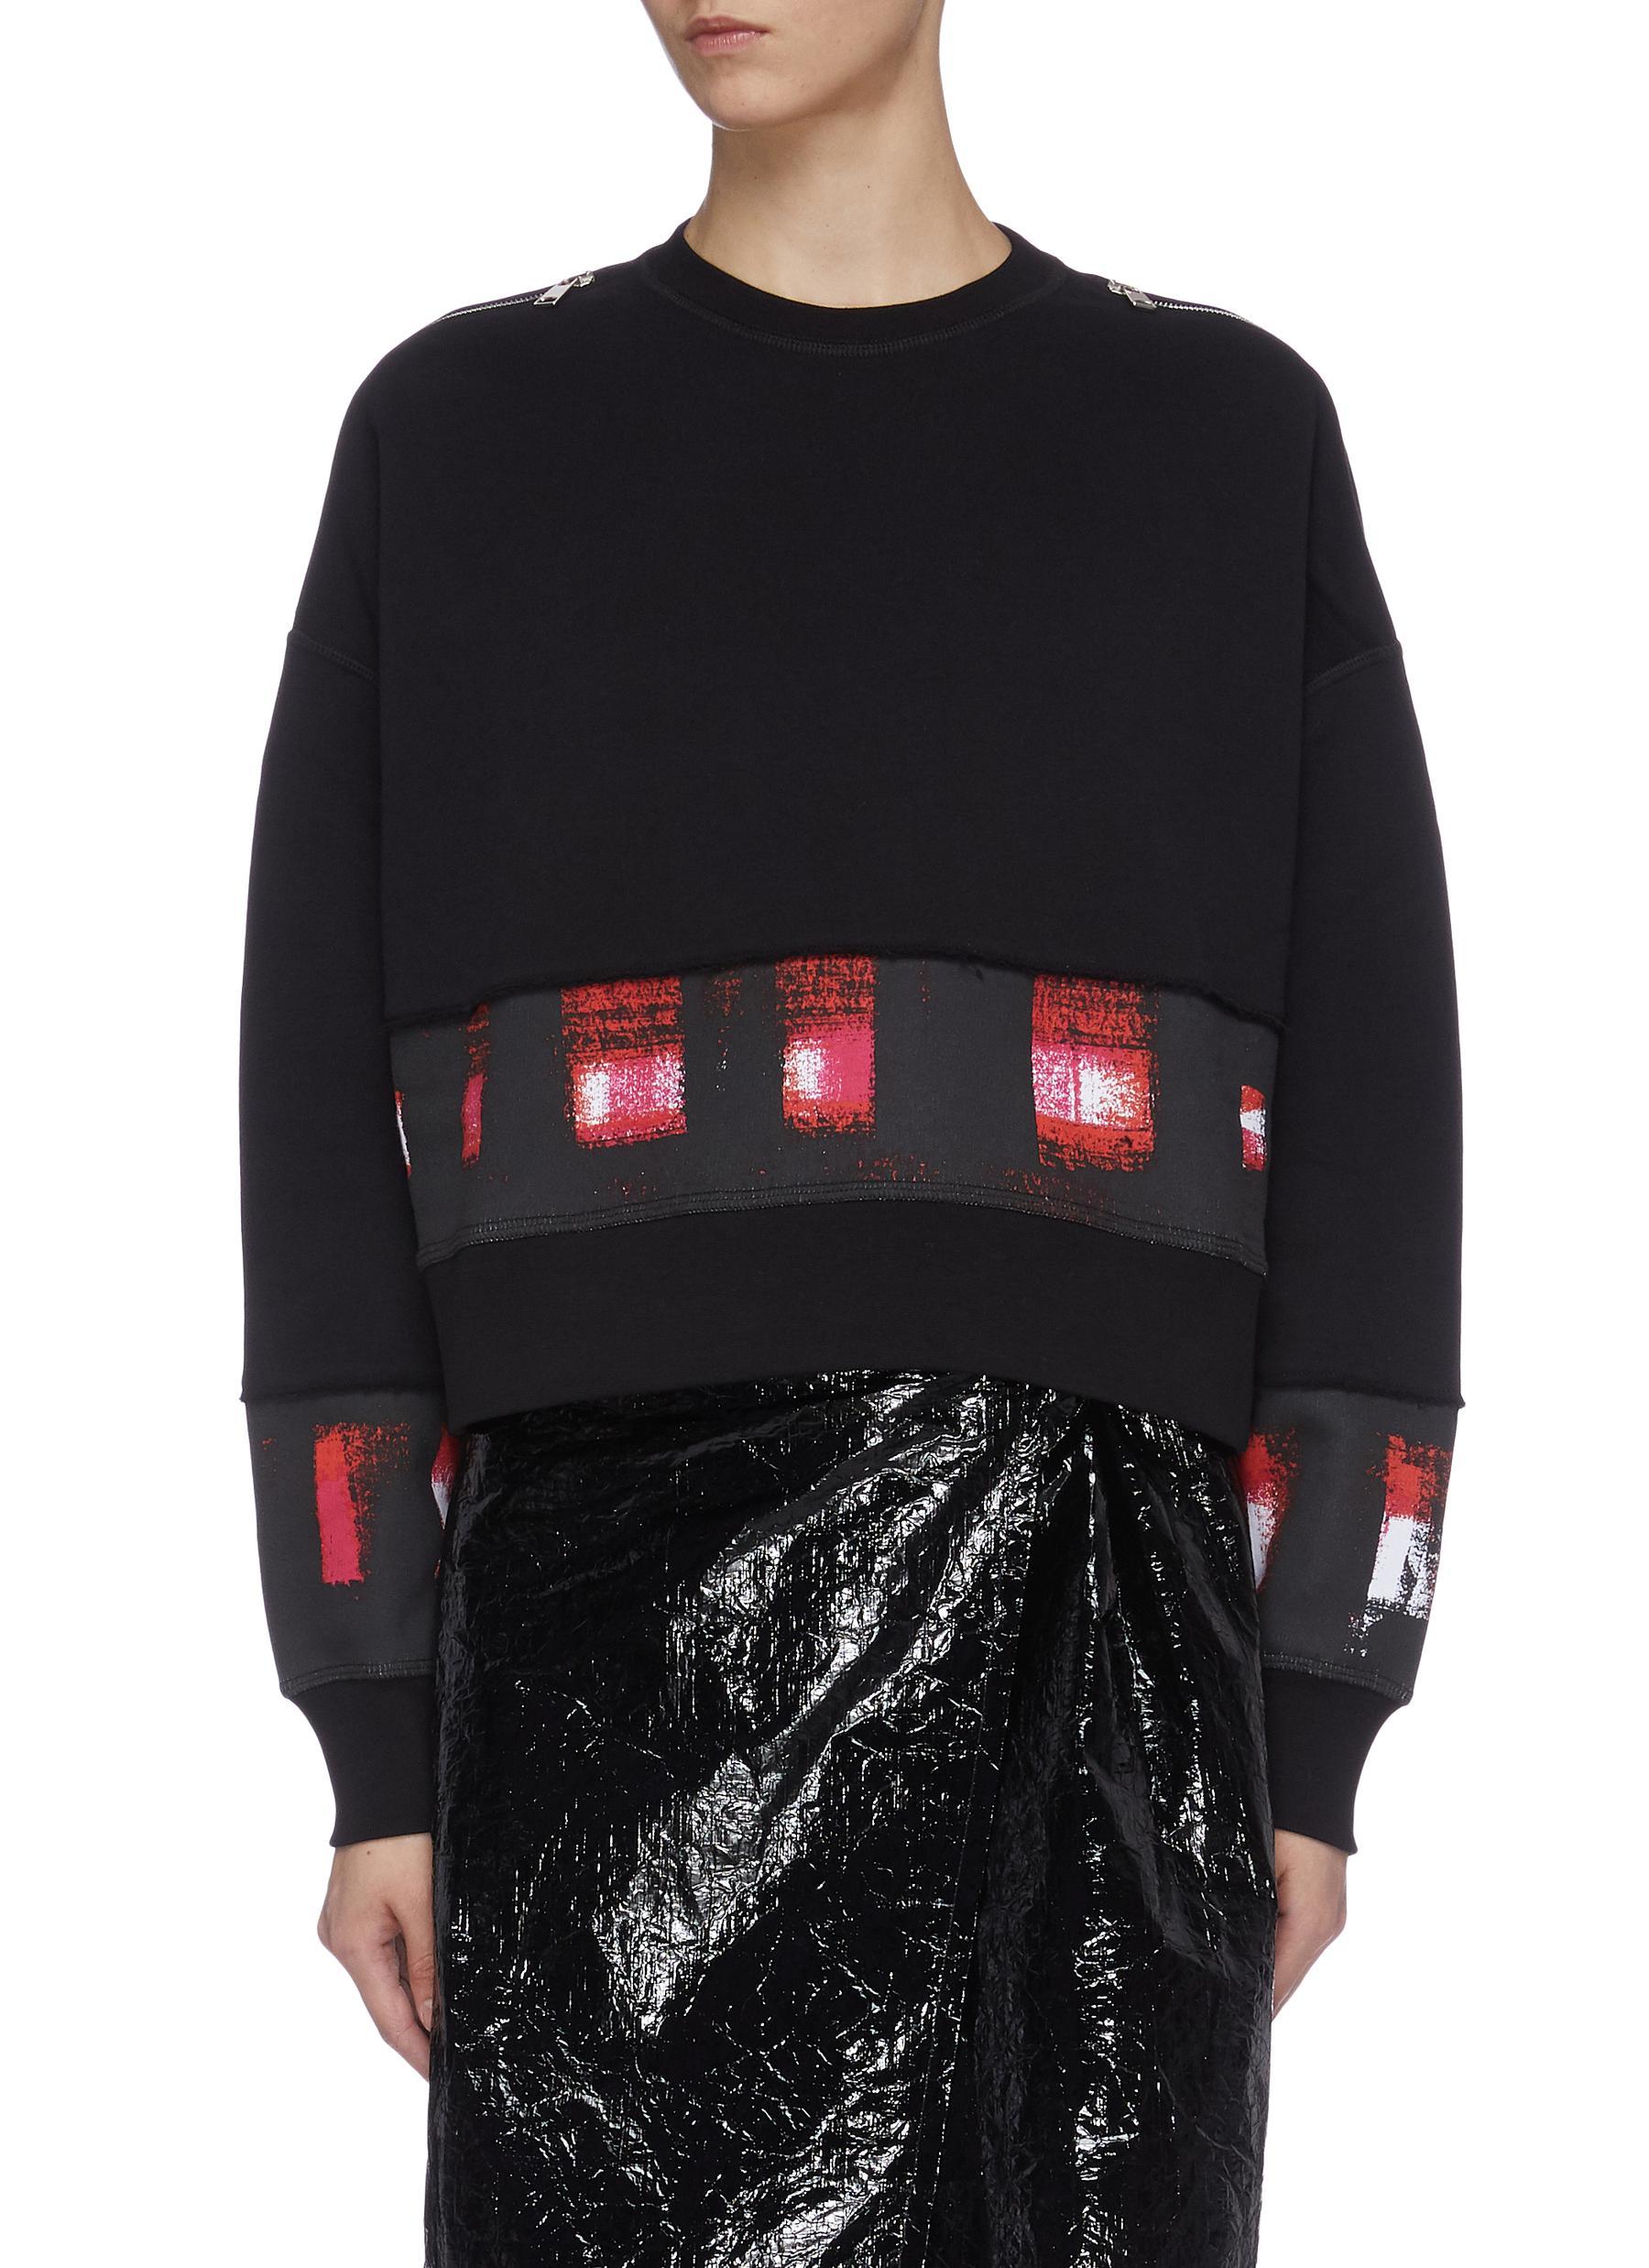 Abstract check print panel zip shoulder sweatshirt by Alexander Mcqueen